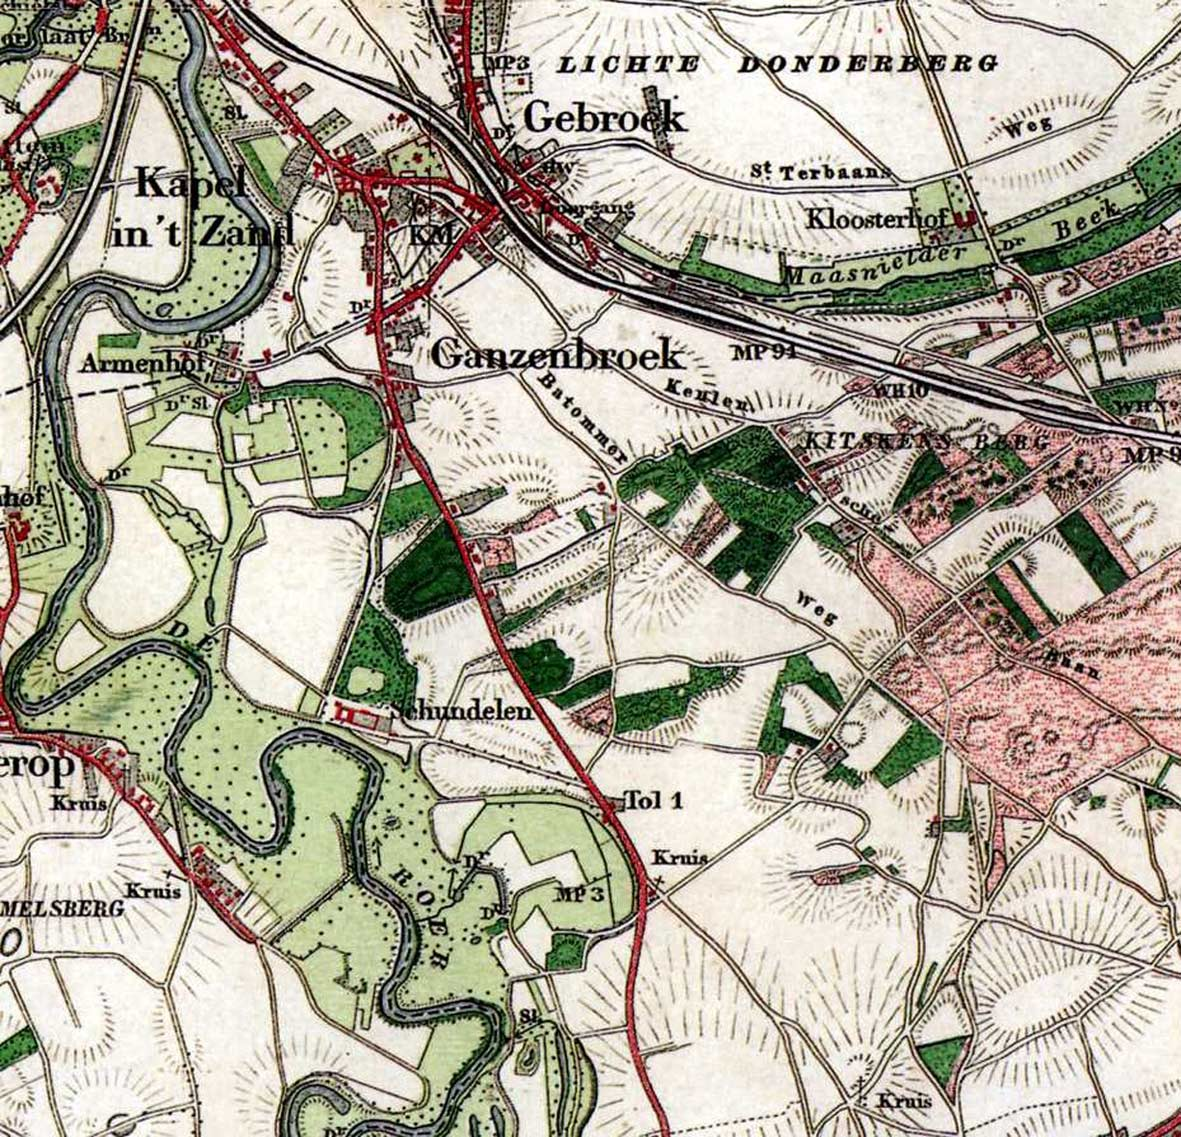 Topografische kaart van Roermond-Zuid, 1890.